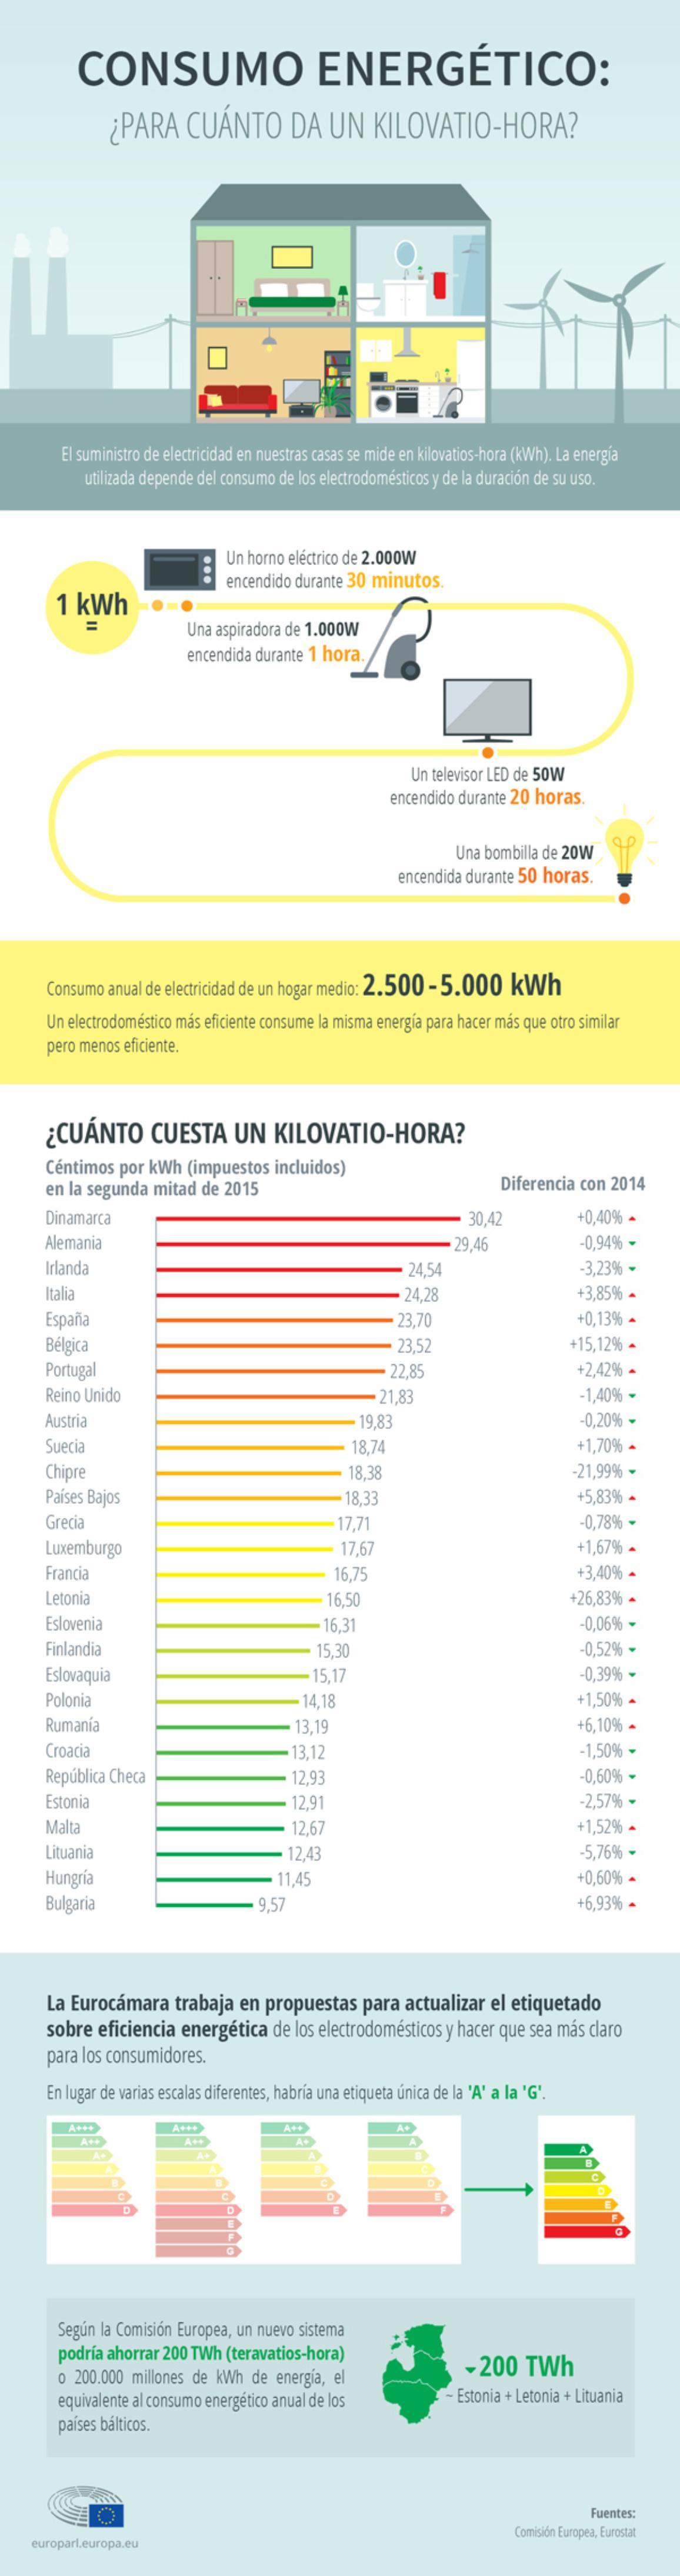 Infografía sobre consumo energético